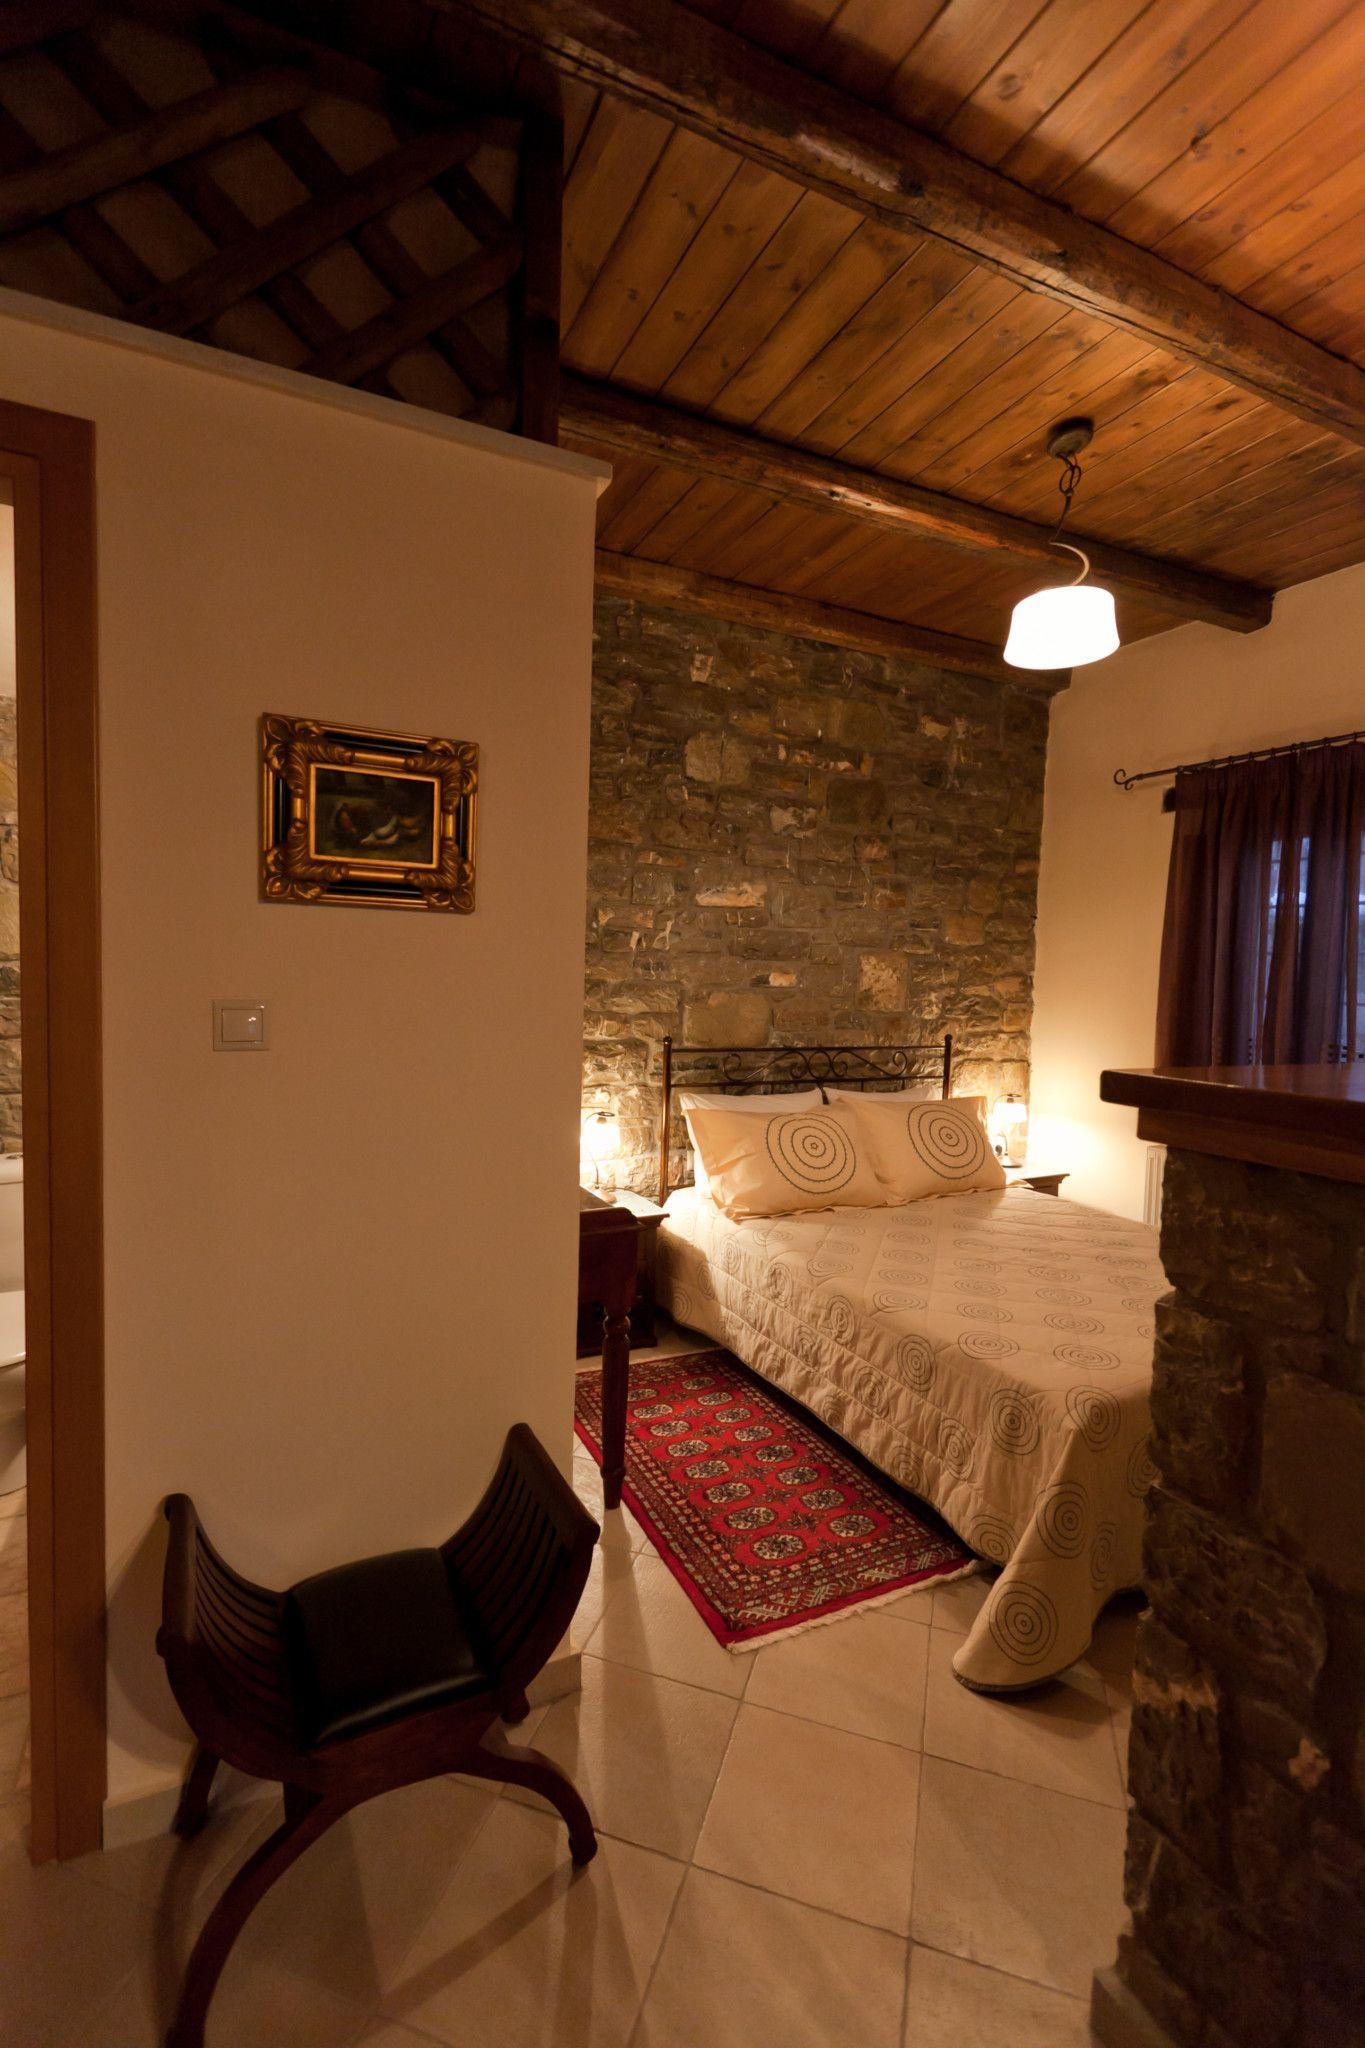 Ξενώνας Αλθαία Το μικρό(σας) σπίτι στο βουνό!!! Free